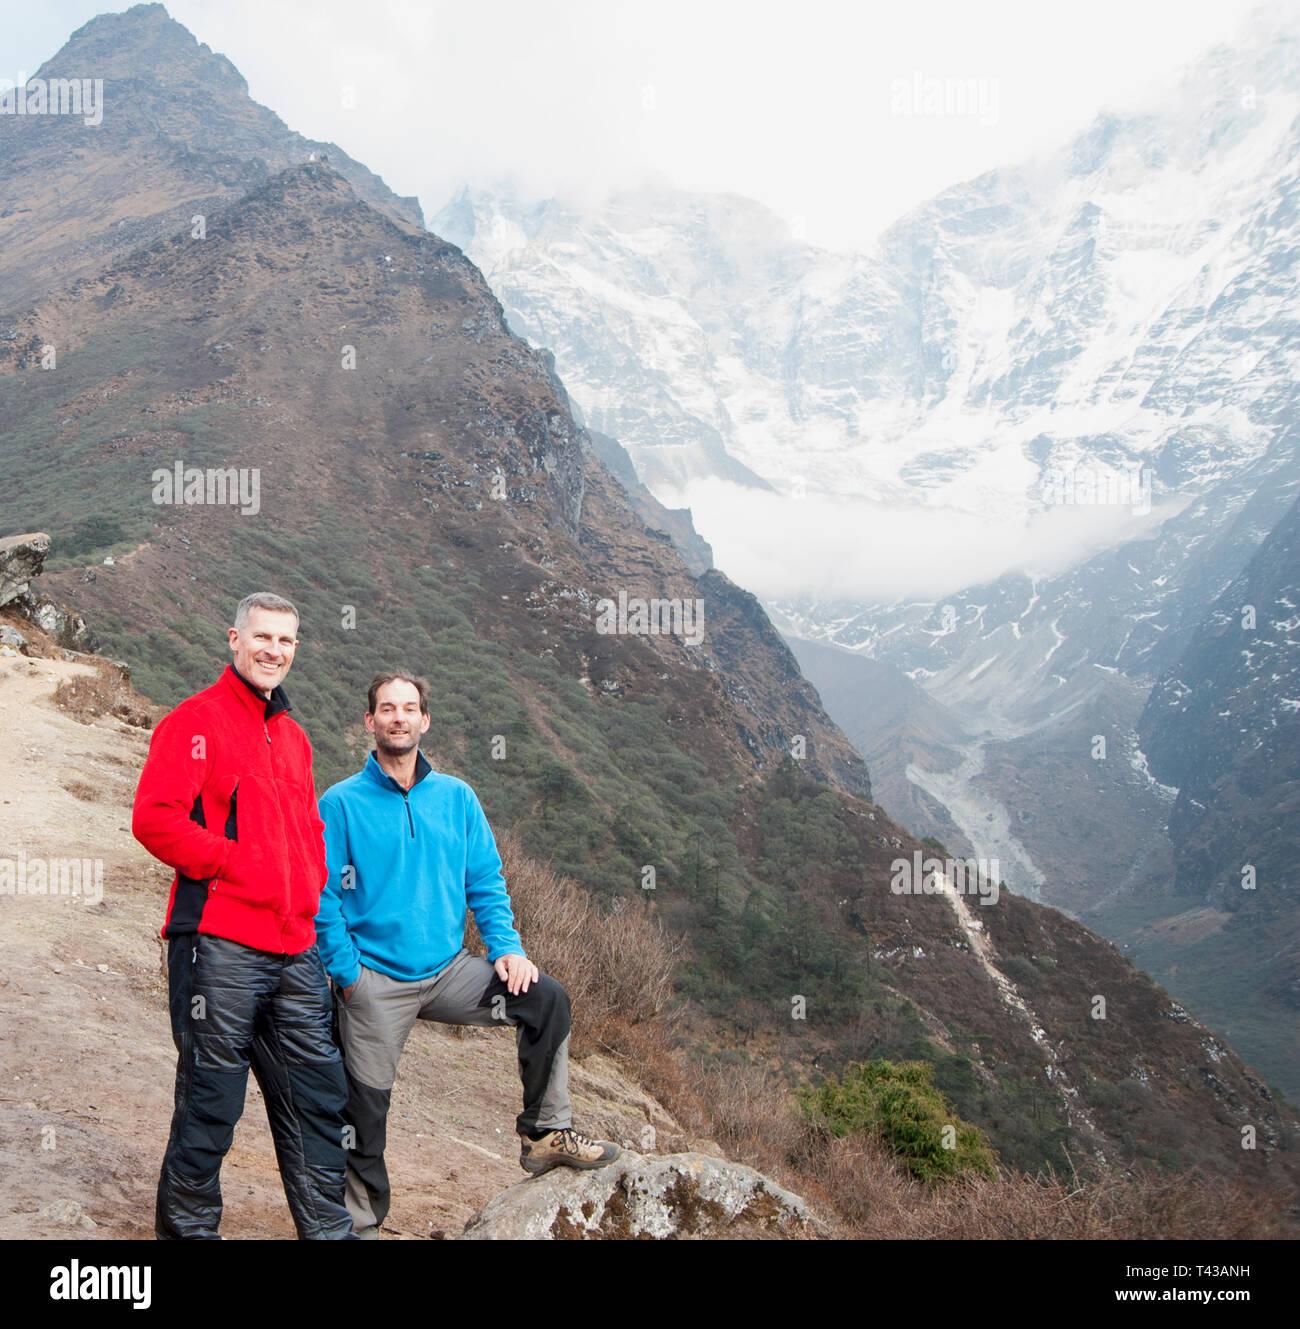 Men posing on mountain - Stock Image